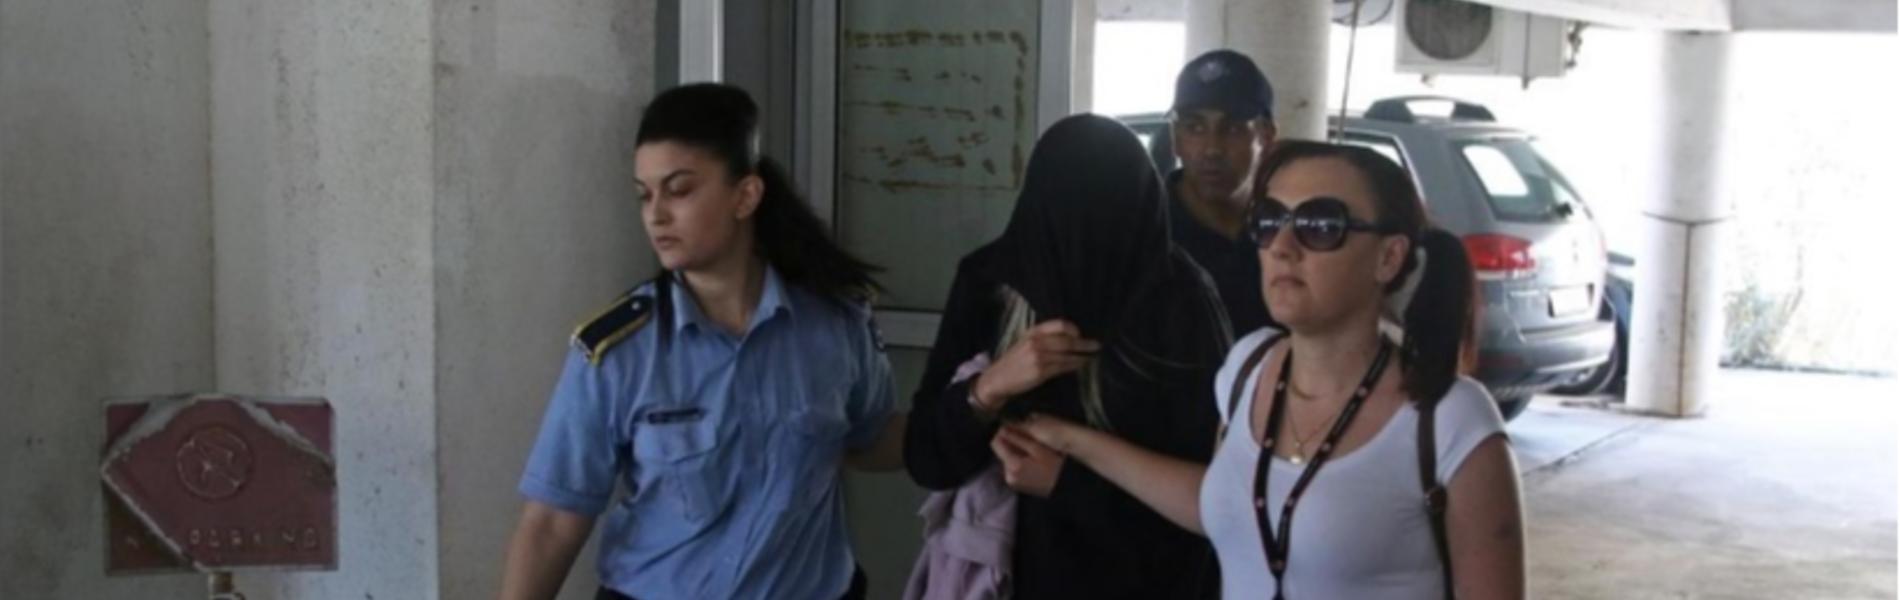 התיירת הבריטית שוחררה: האם הצעירים הישראלים ייחקרו על הפצת הסרטונים?